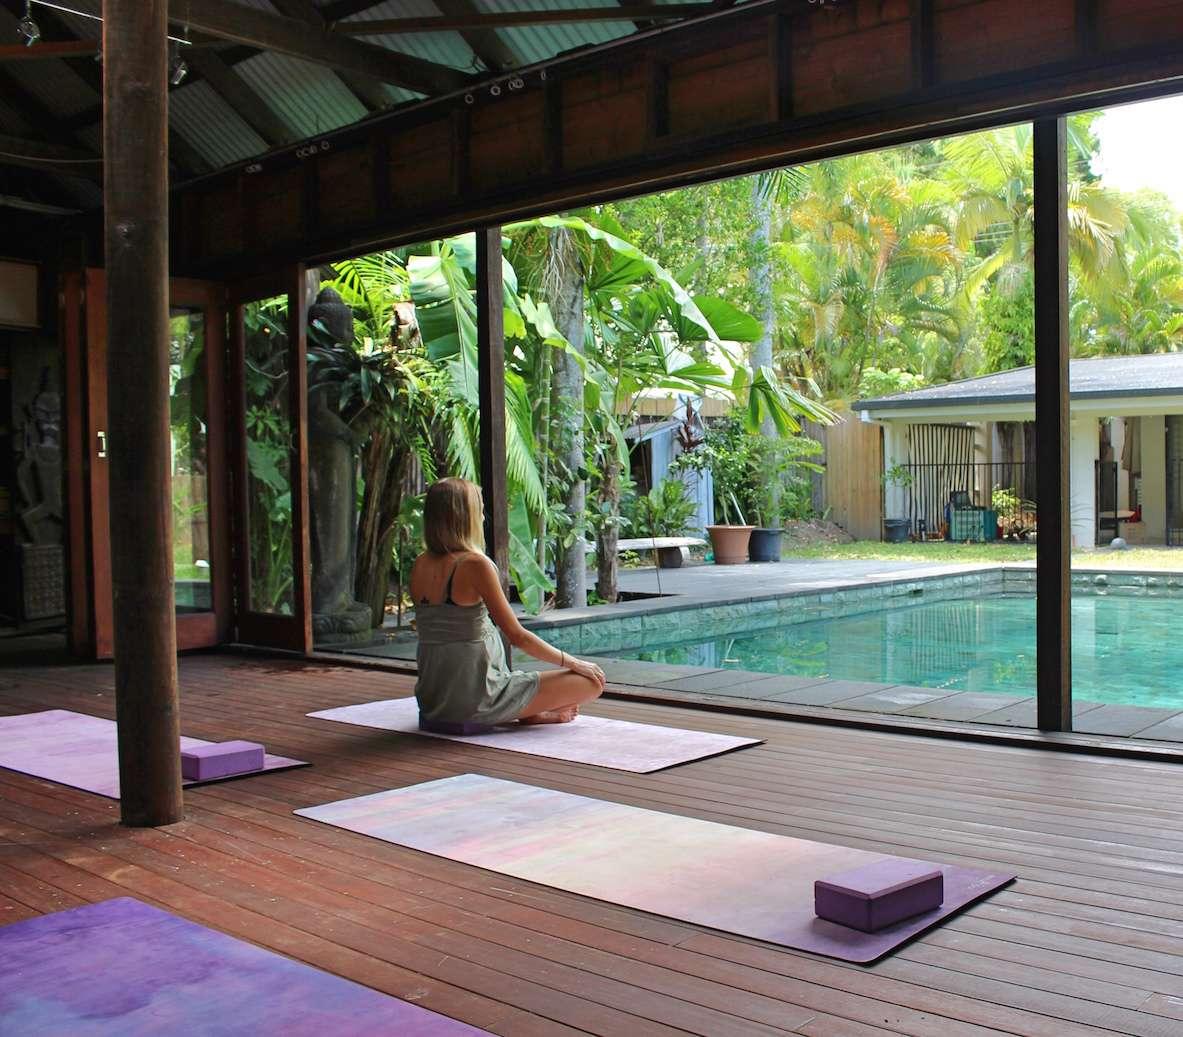 Bali Hut Studio Hartig Yoga